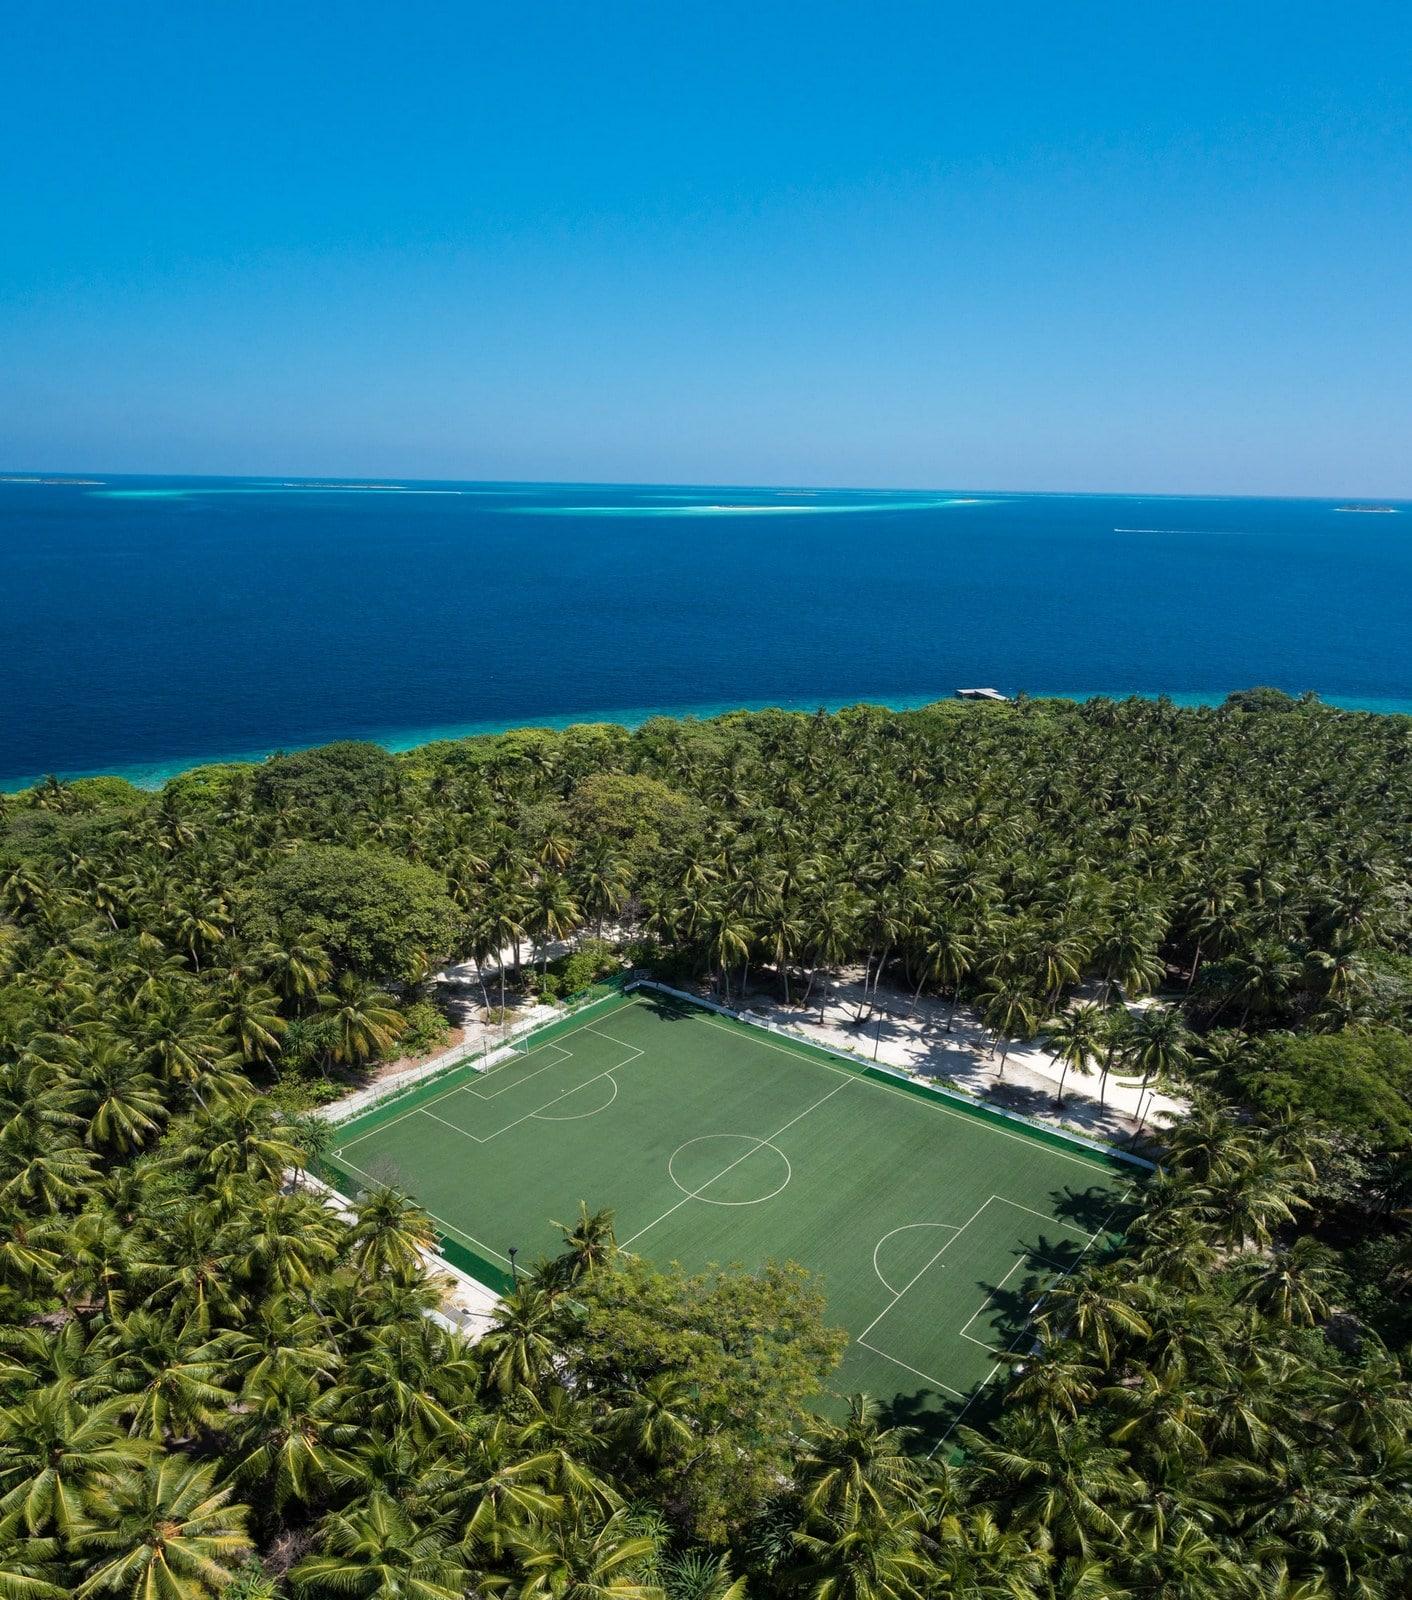 Мальдивы, отель Amilla Fushi Maldives, теннисный корт